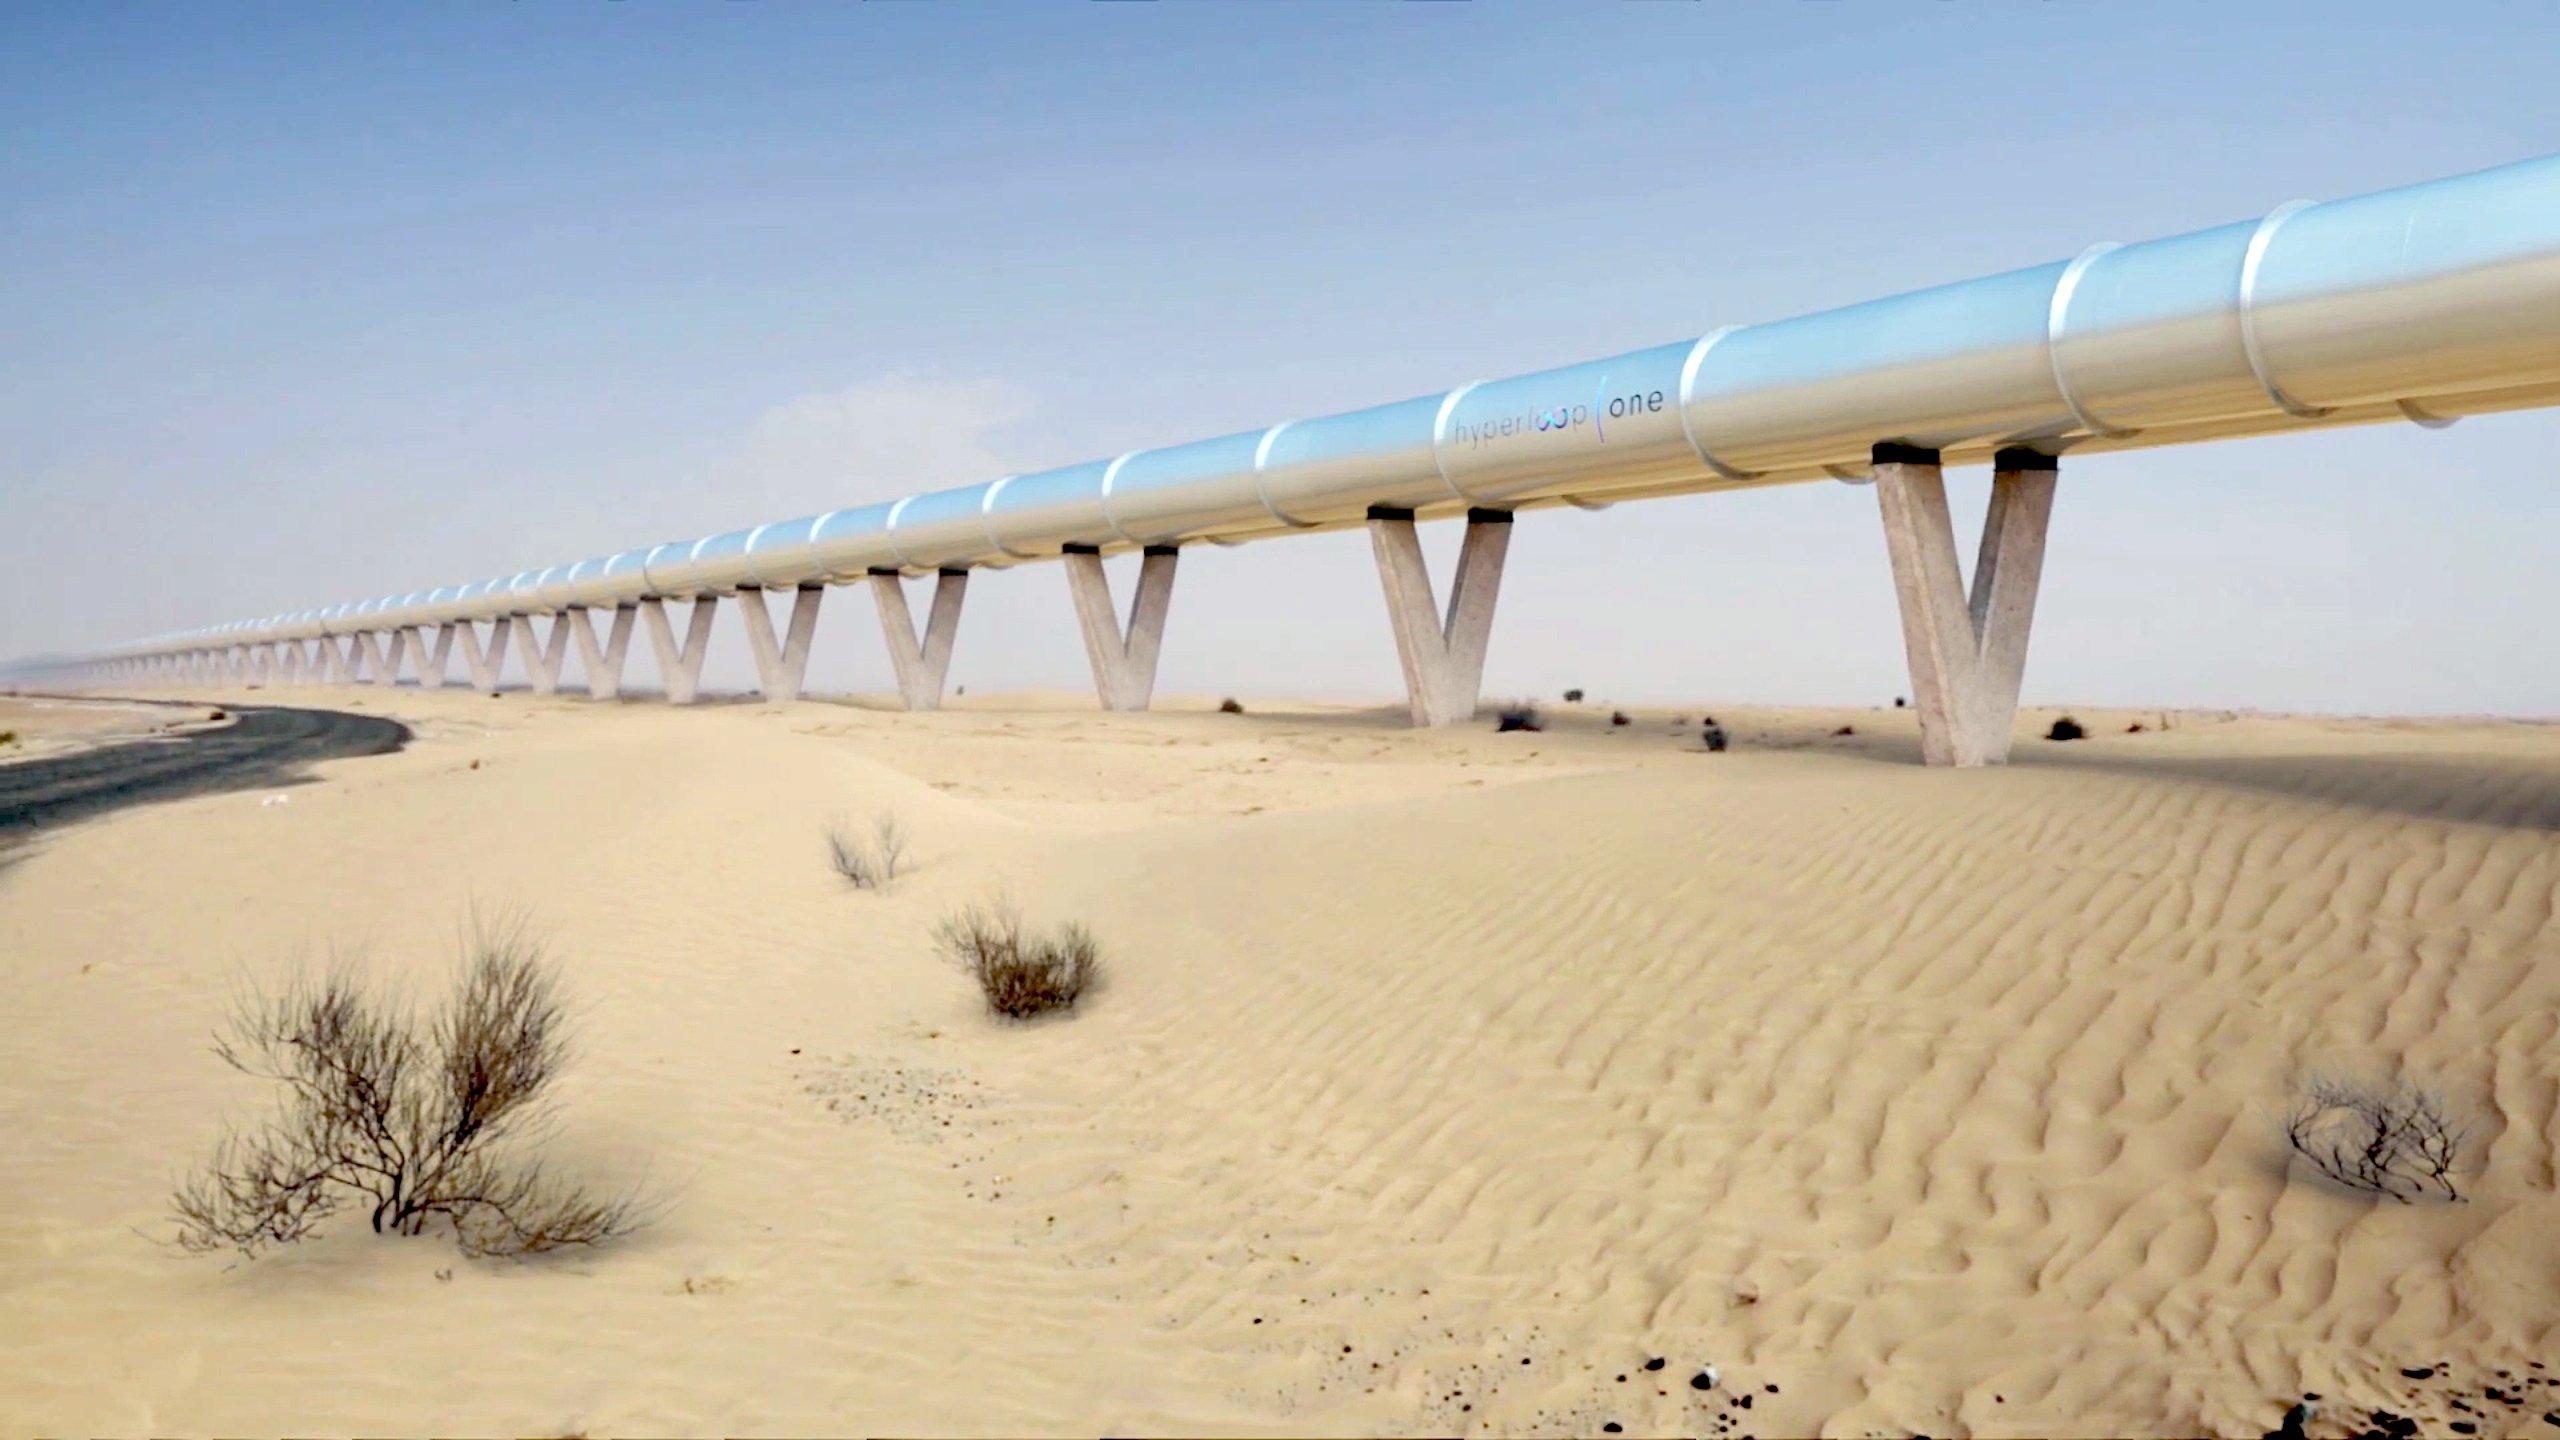 Der Hyperloop solldie rund 150 km lange Strecke von Dubai nach Abu Dhabi in nur zwölf Minuten absolvieren.